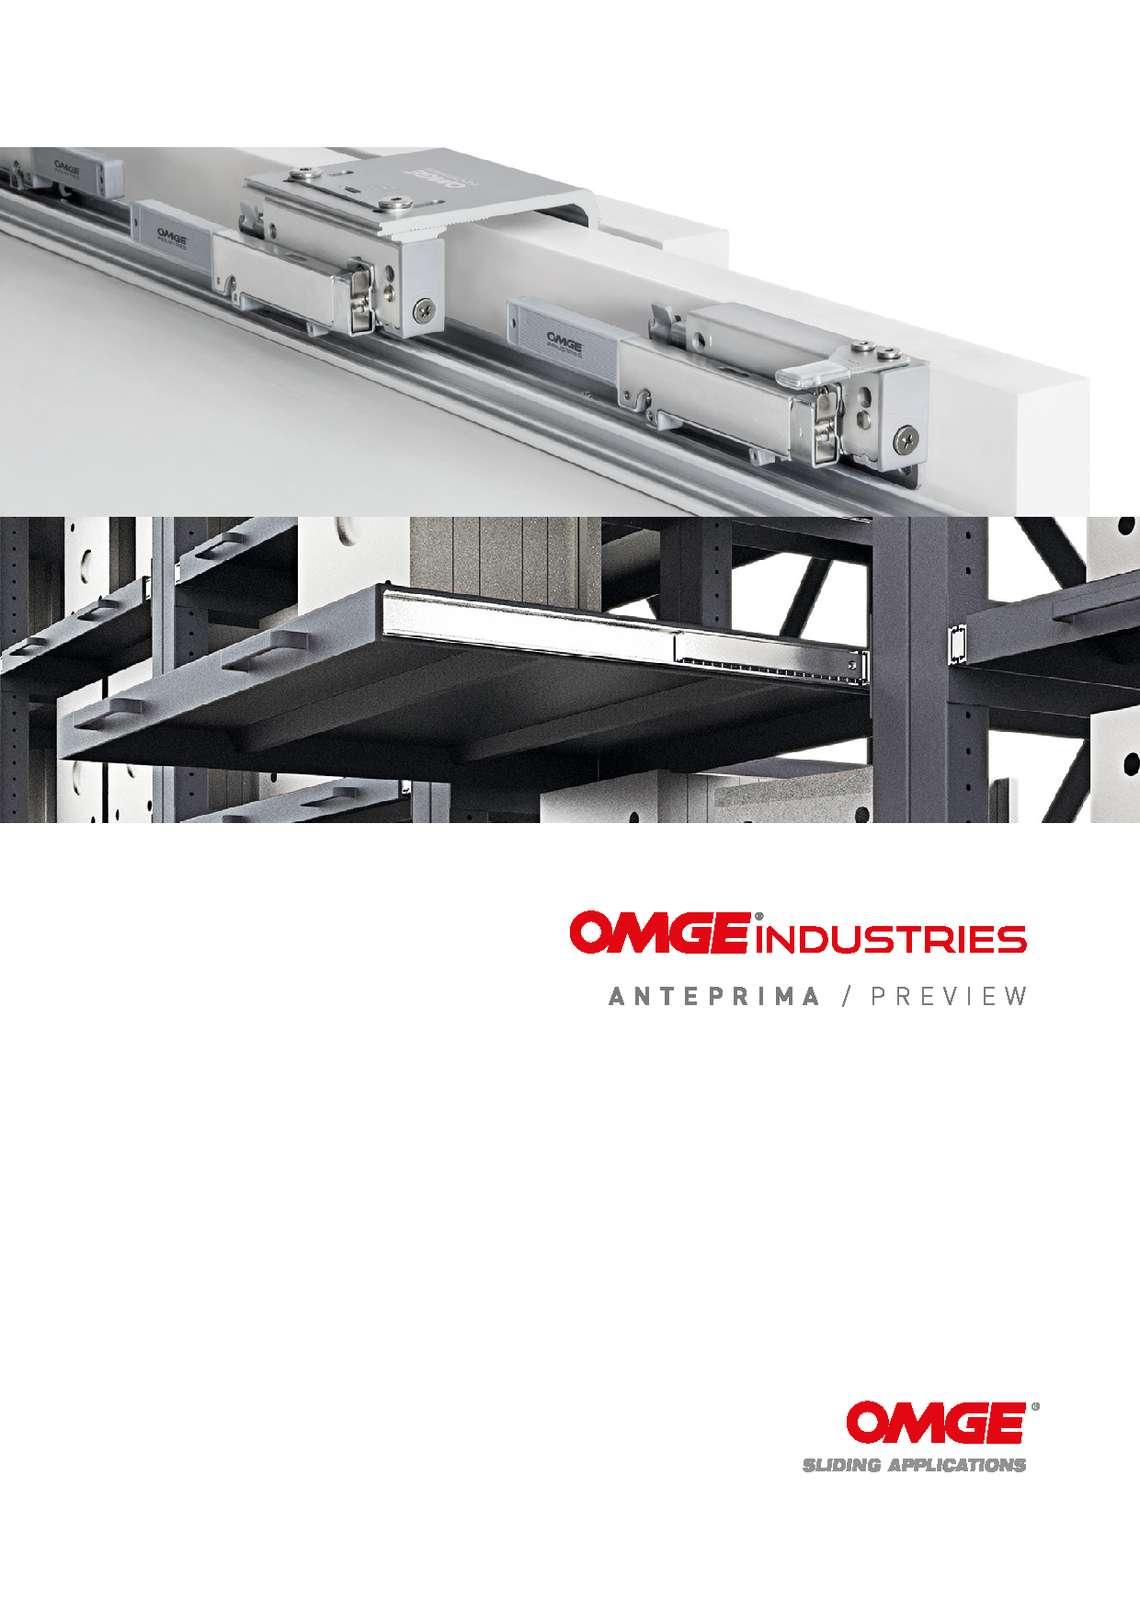 Omge Industries